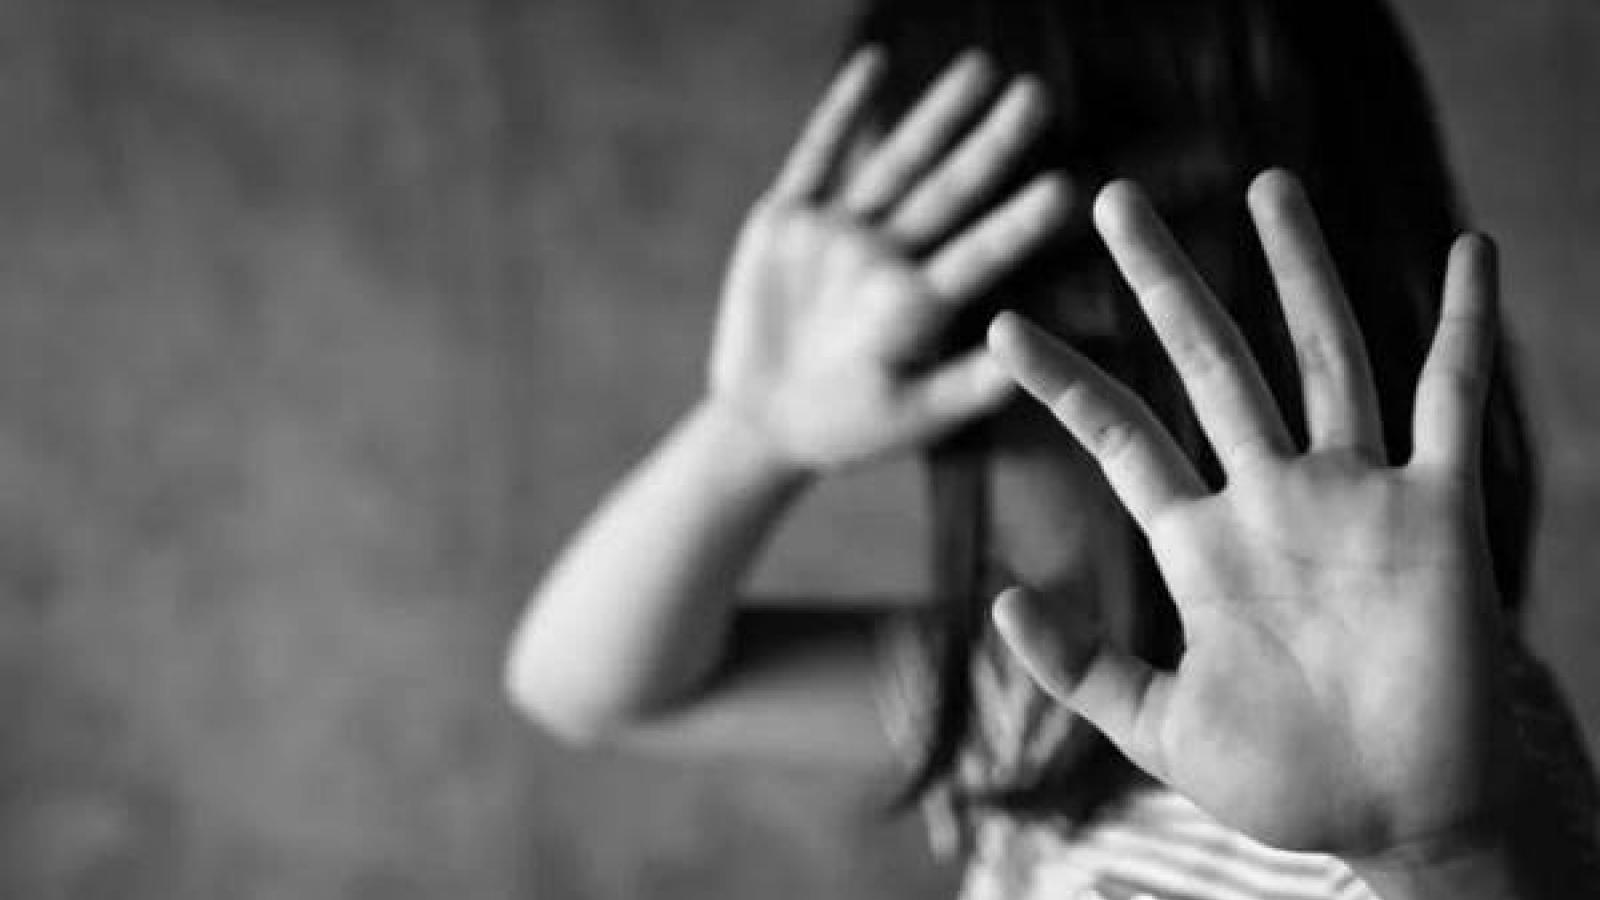 Xử lý tội phạm xâm hại trẻ em tại TPHCM chưa đạthiệu quả mong muốn